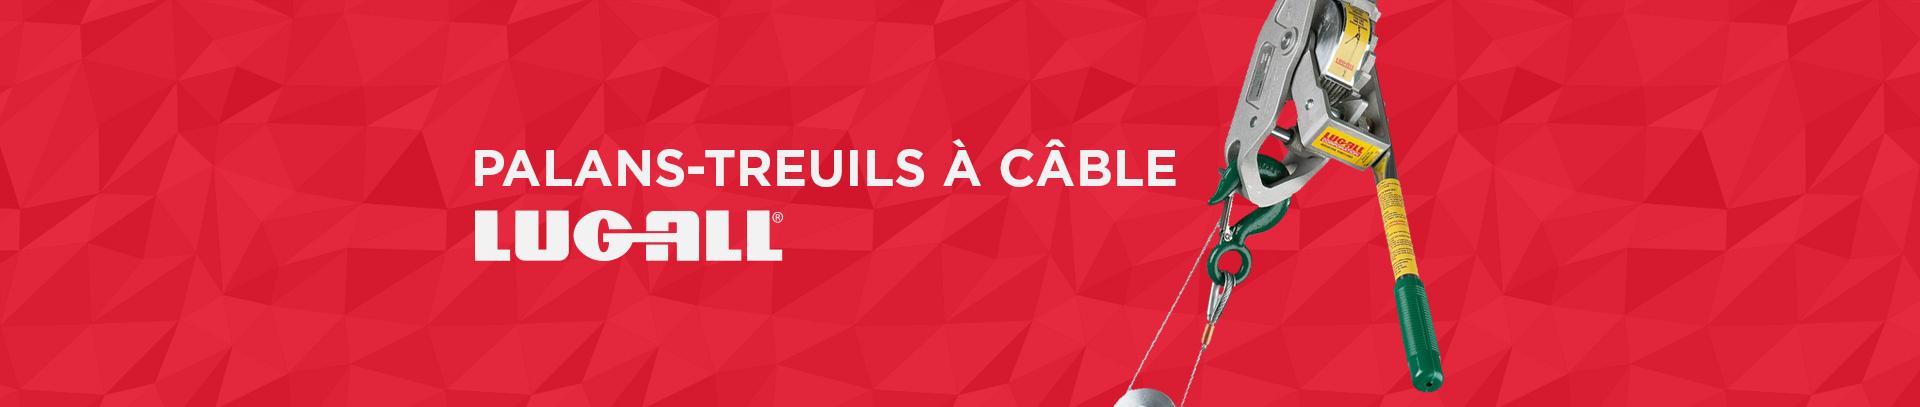 banniere-palans-a-cables41